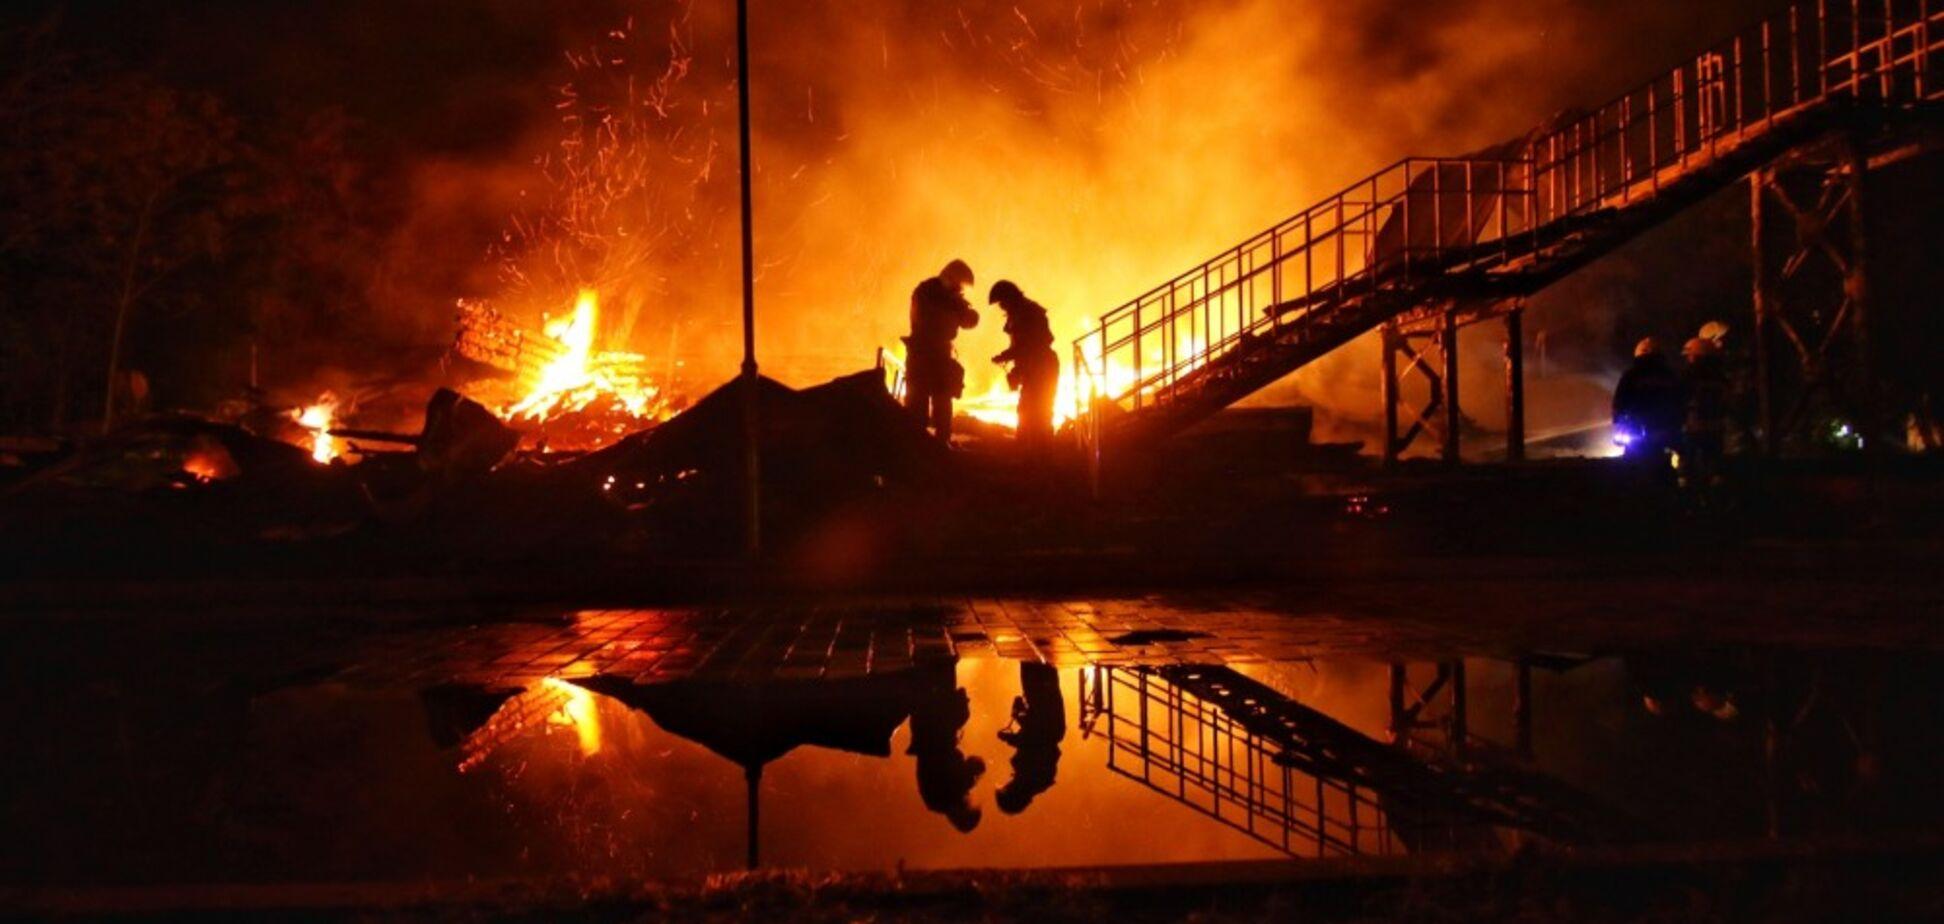 Смертельная трагедия в лагере 'Виктория': в деле появился новый поворот